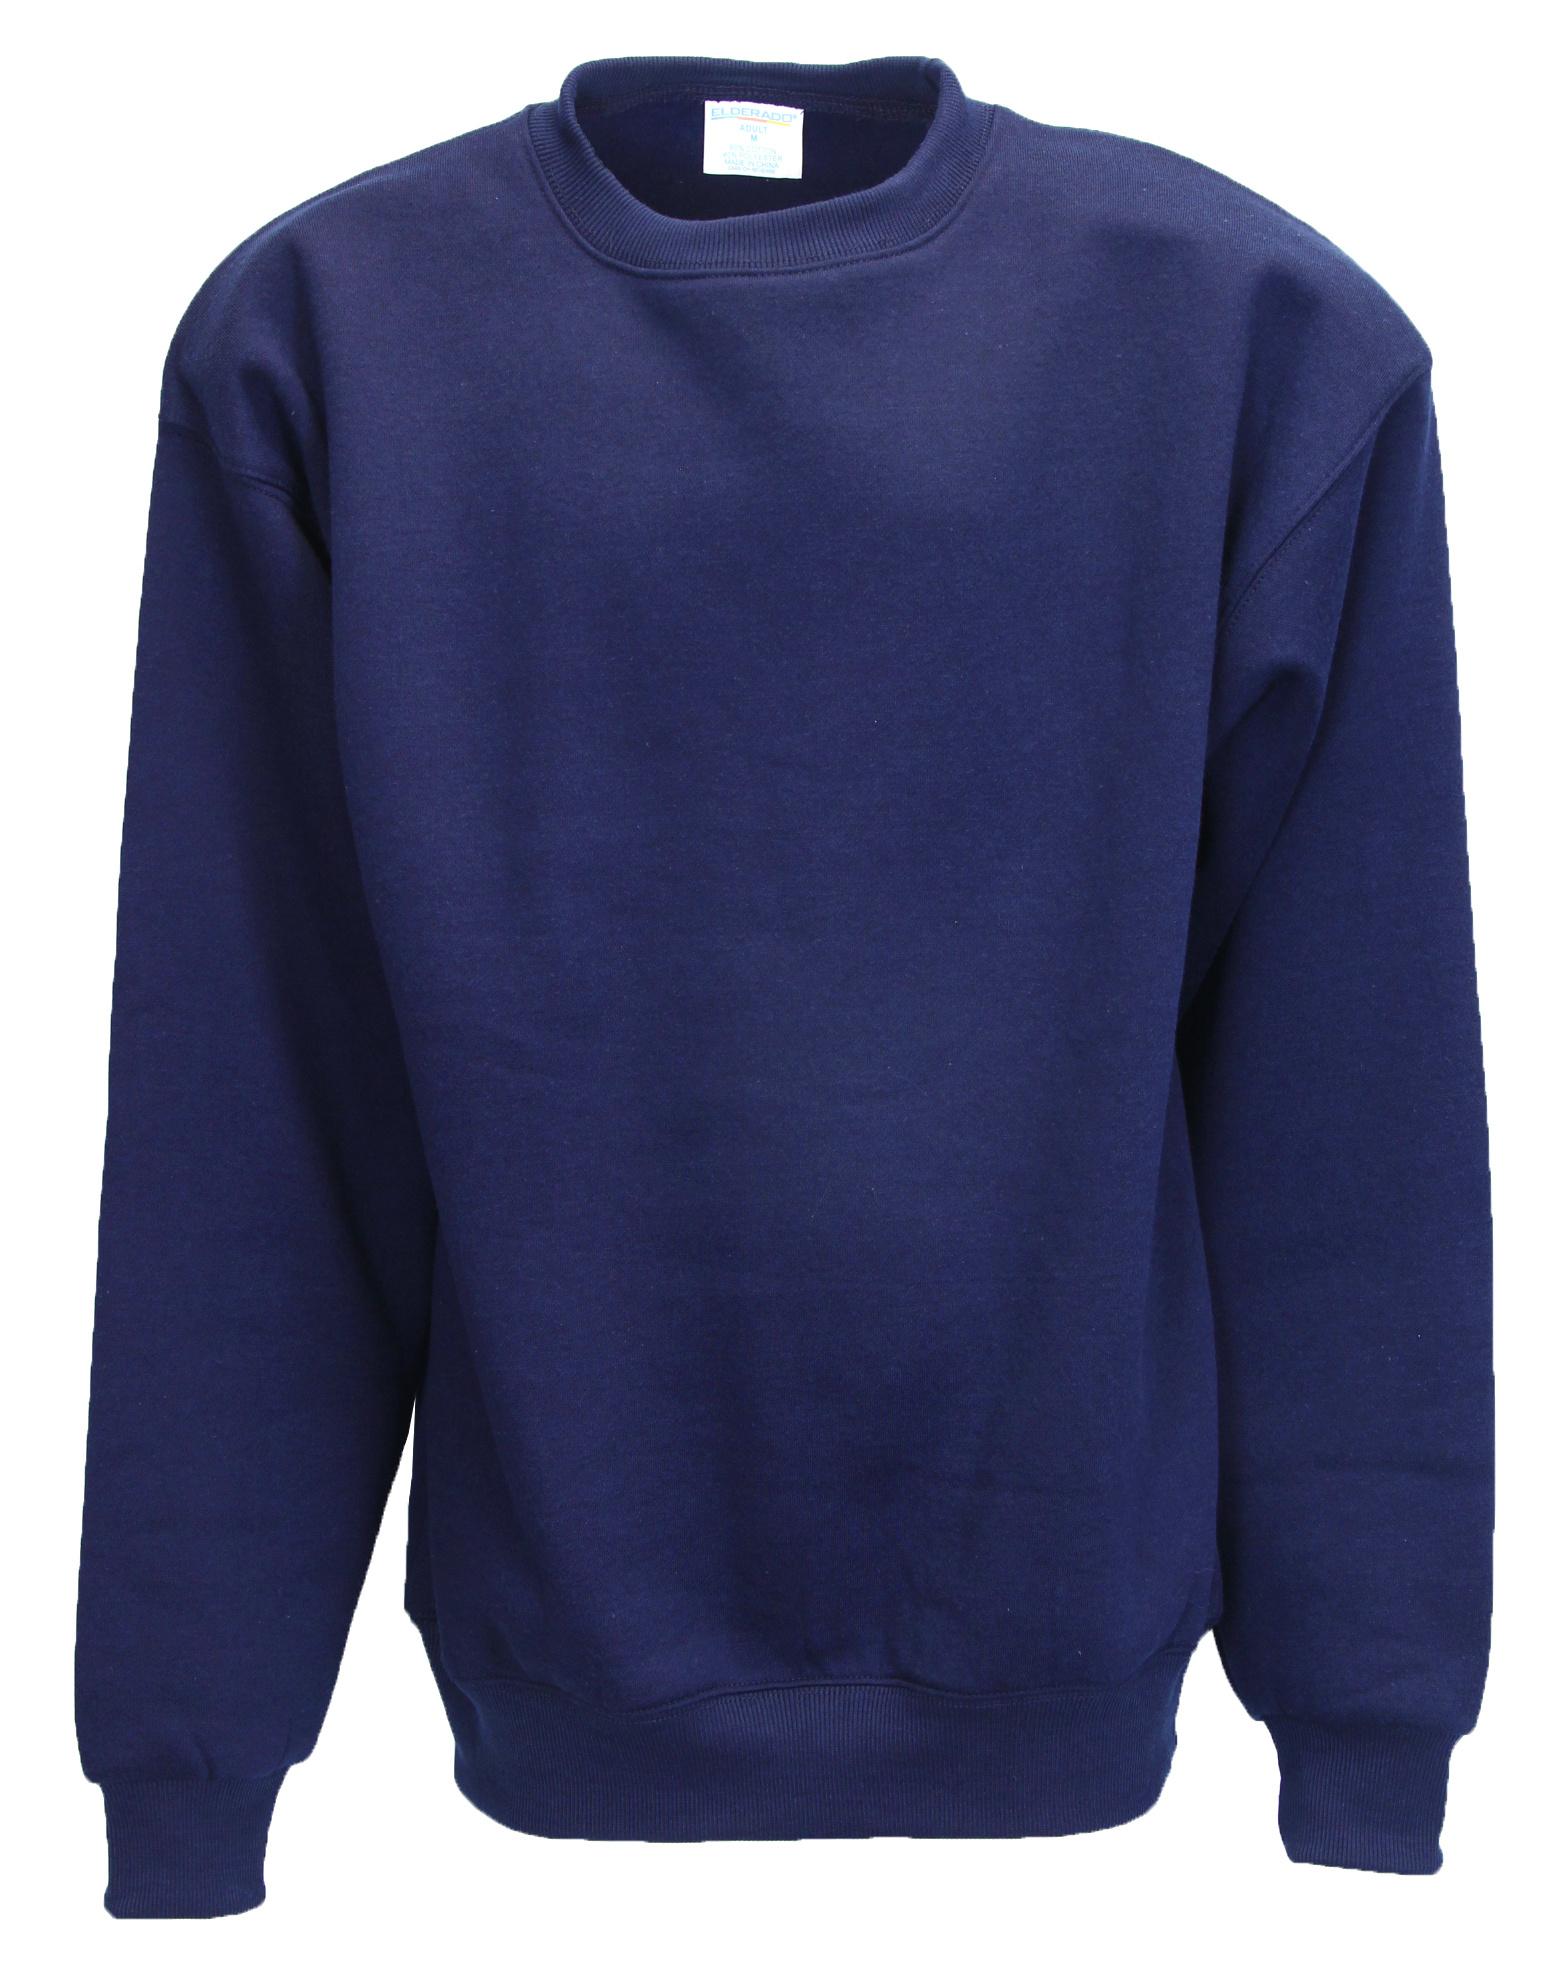 St. Luke Crew Sweatshirt